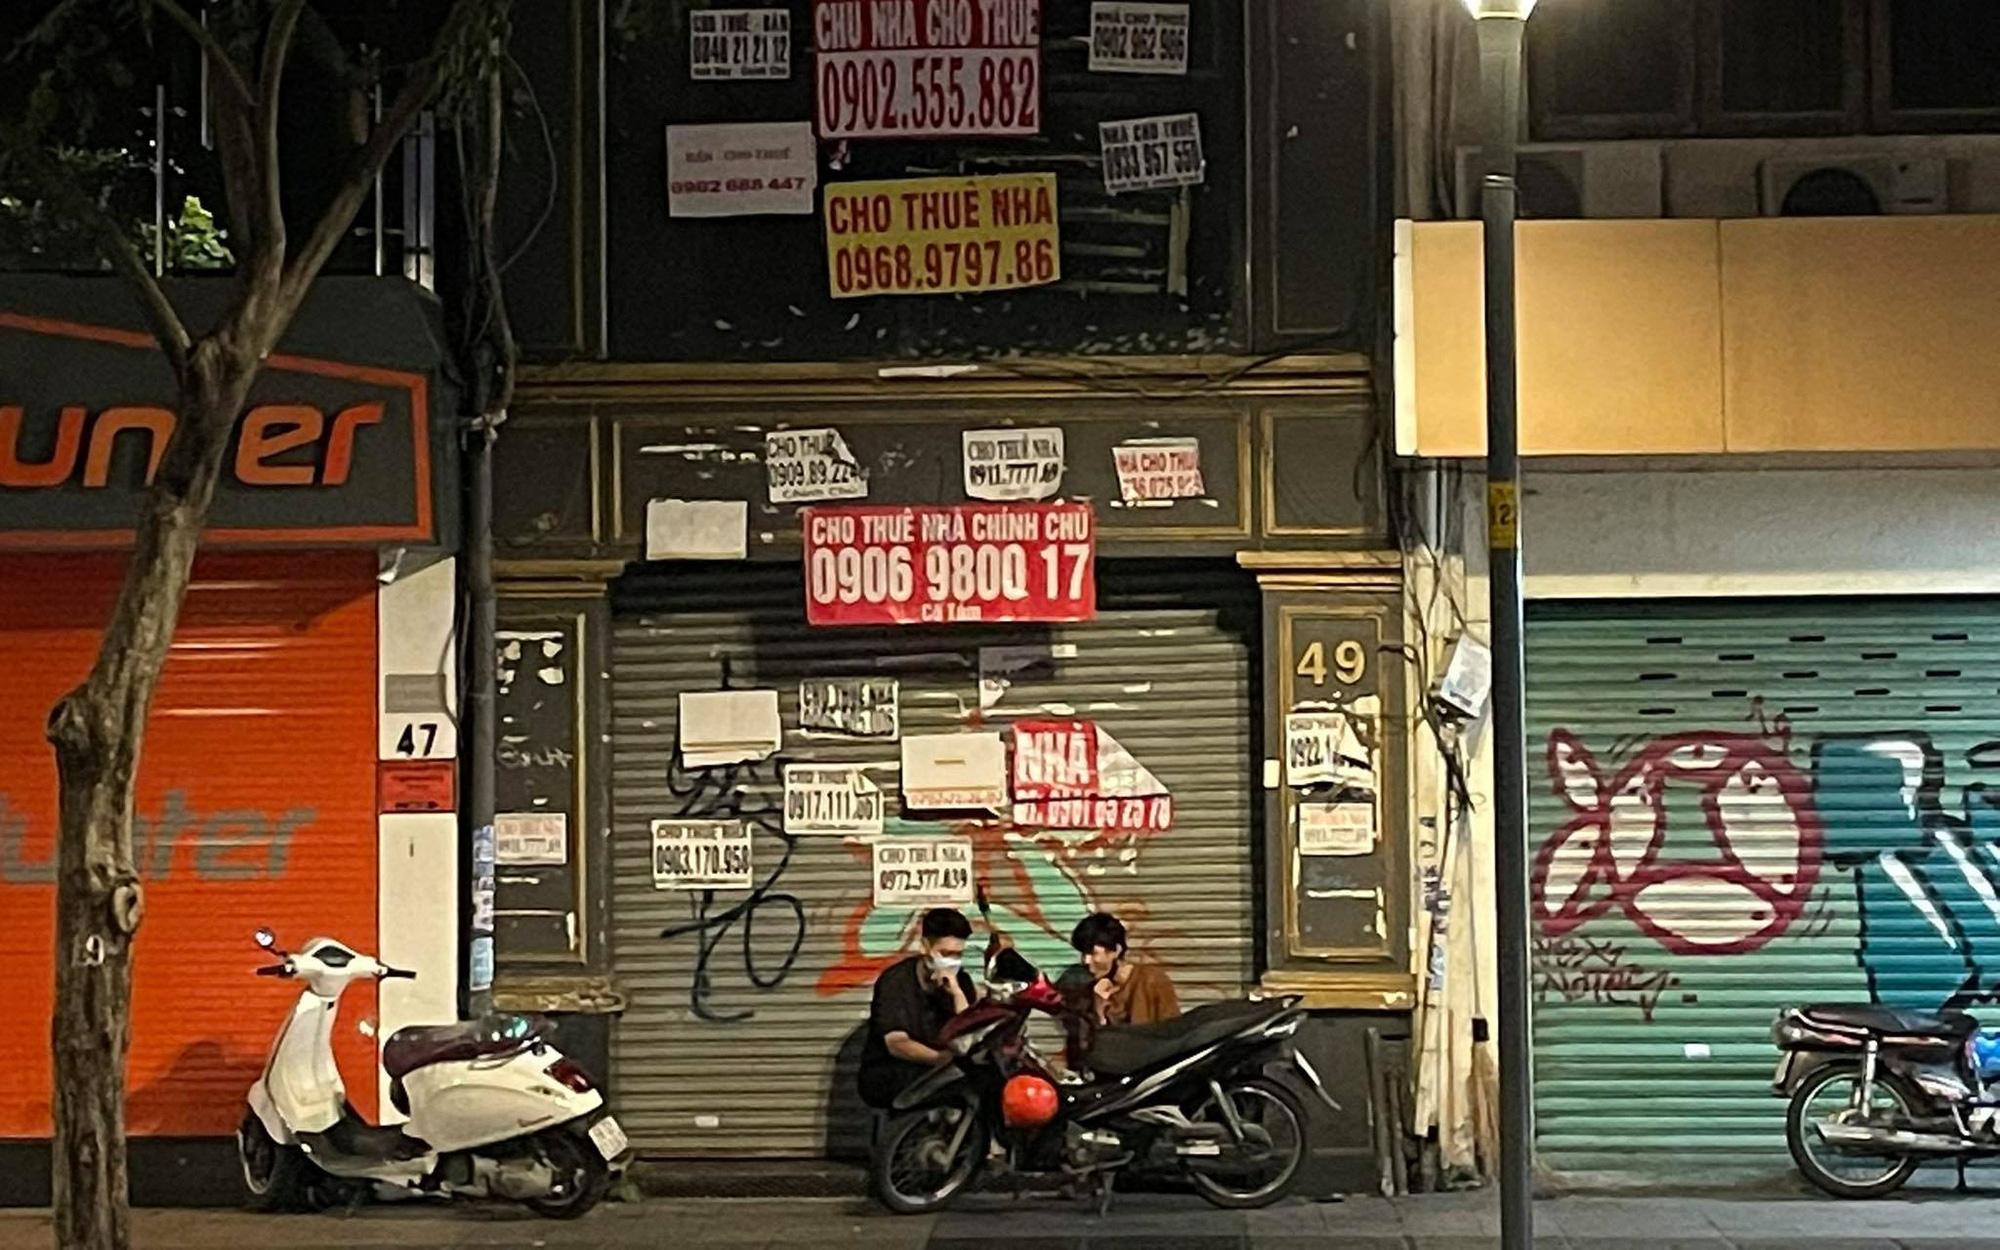 """Mặt bằng và nhà phố cho thuê ở trung tâm TP HCM đối mặt với """"thử thách chưa từng có"""""""